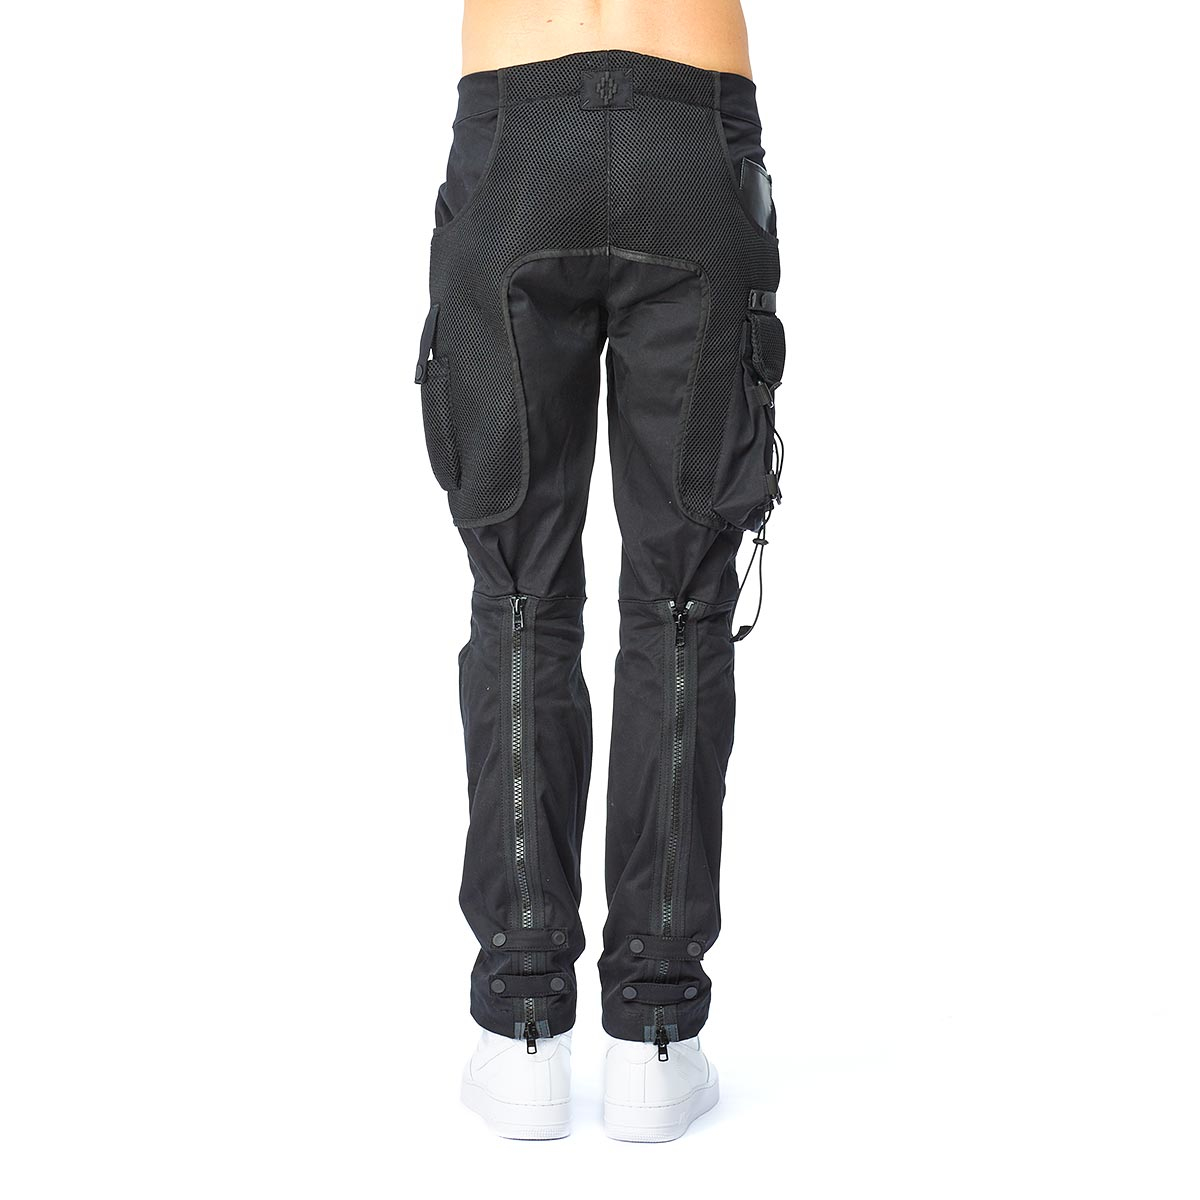 Marcelo Burlon Escalante Trousers in Black for Men